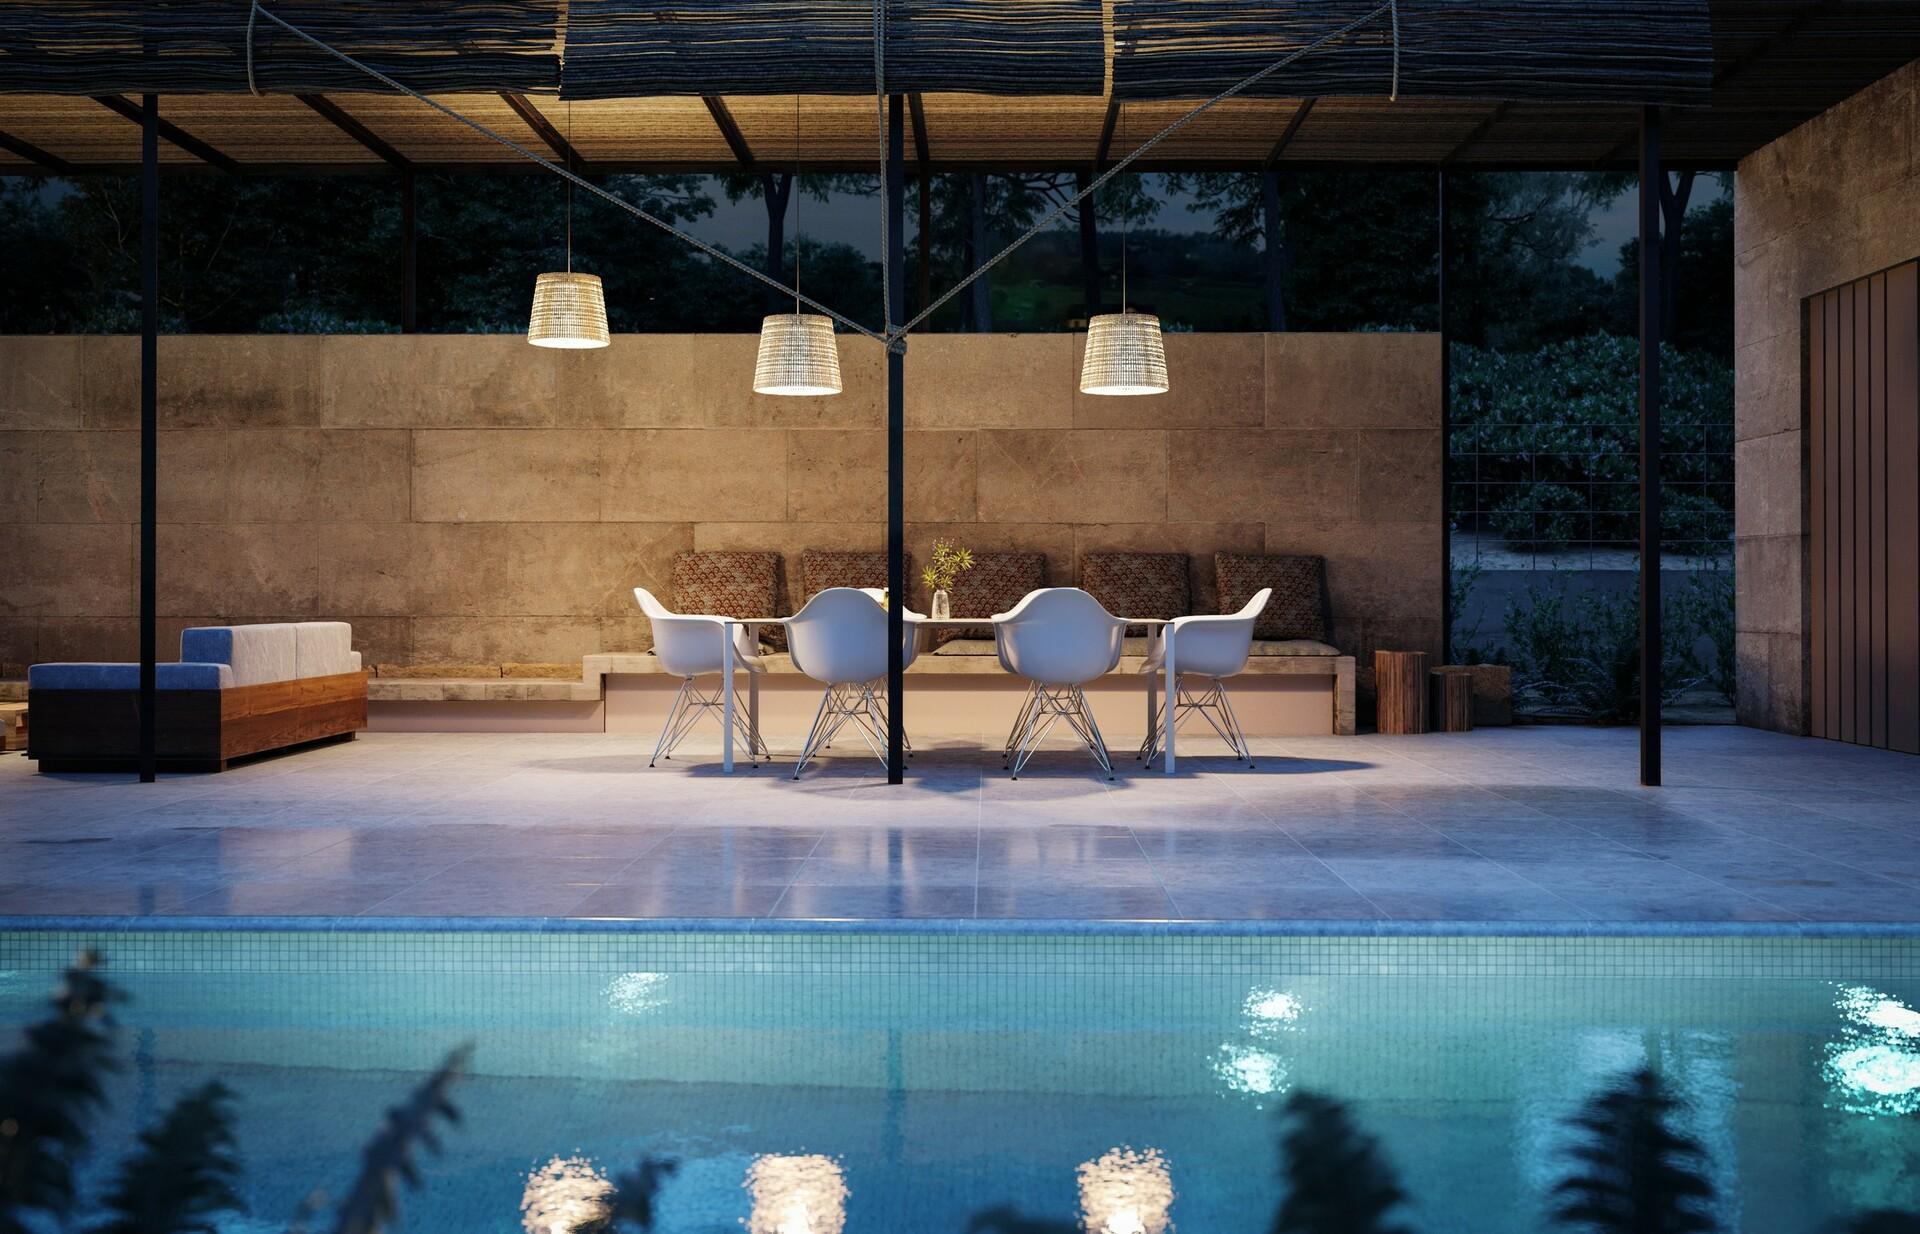 daniel-diaz-del-castillo-08-exterior-piscina-mesas.jpg